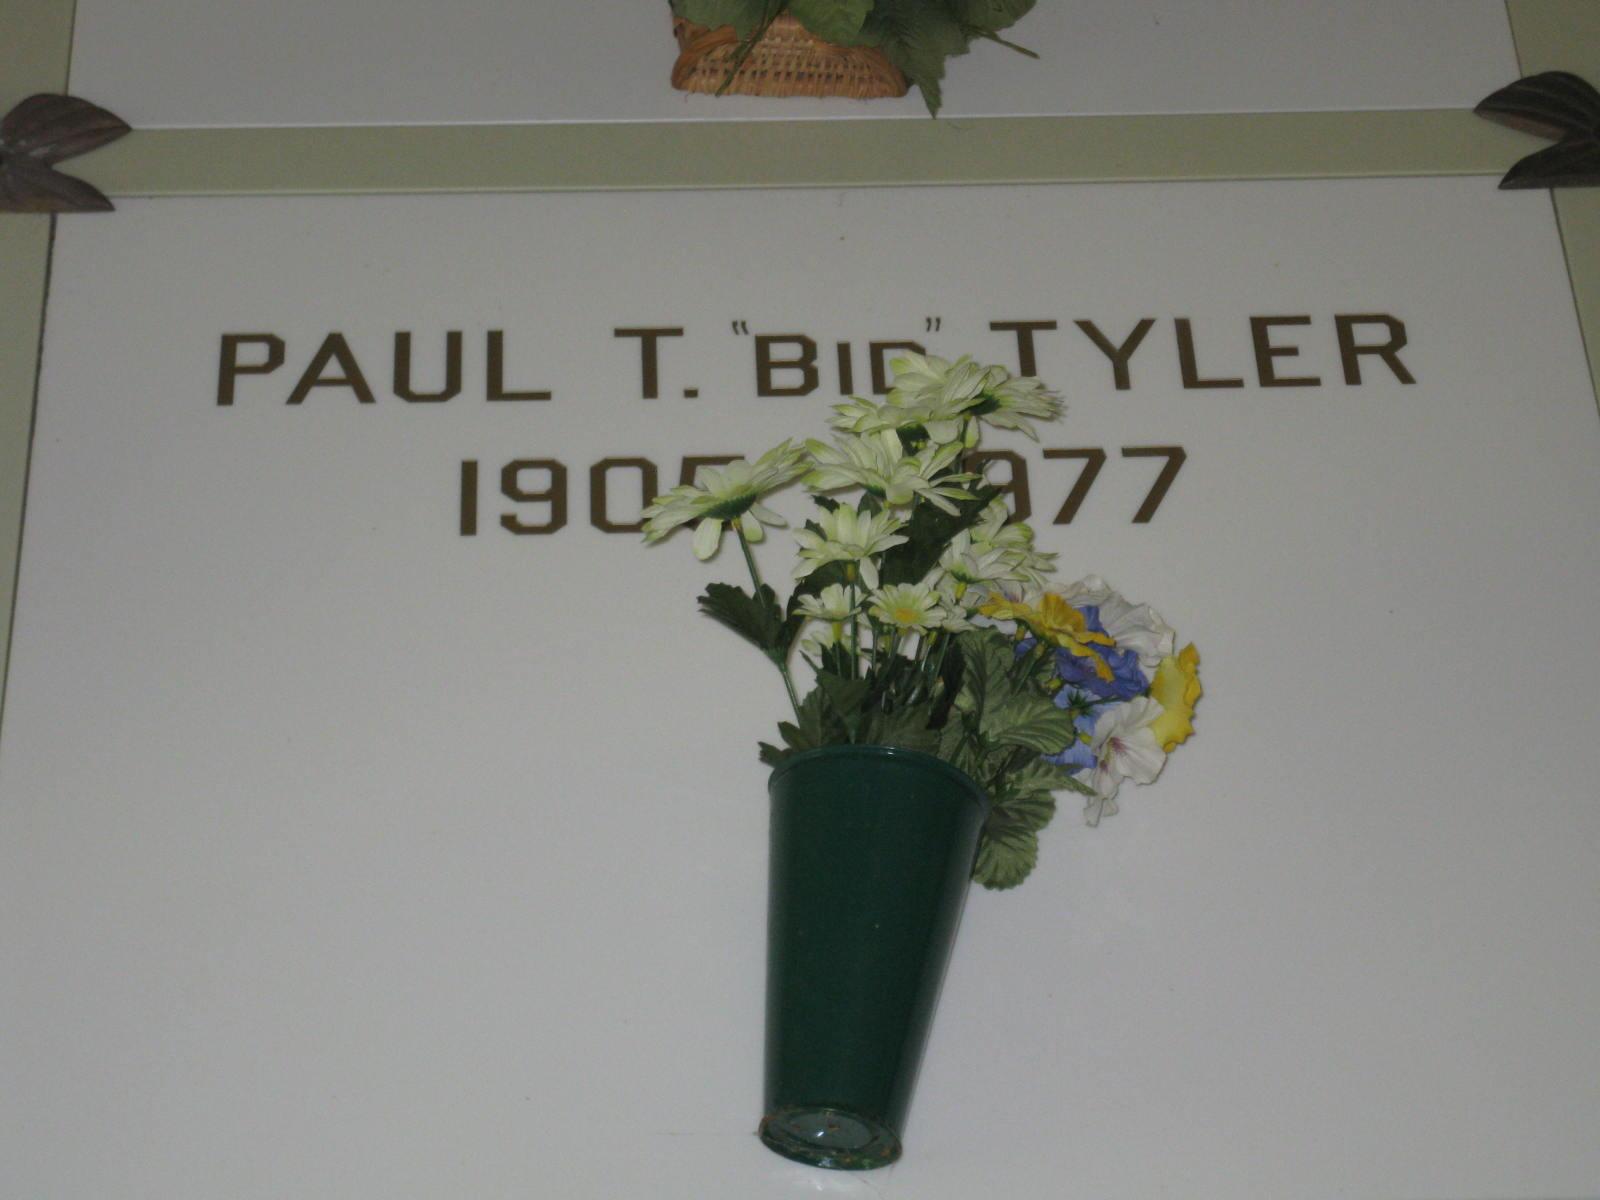 Paul T. Bid Tyler